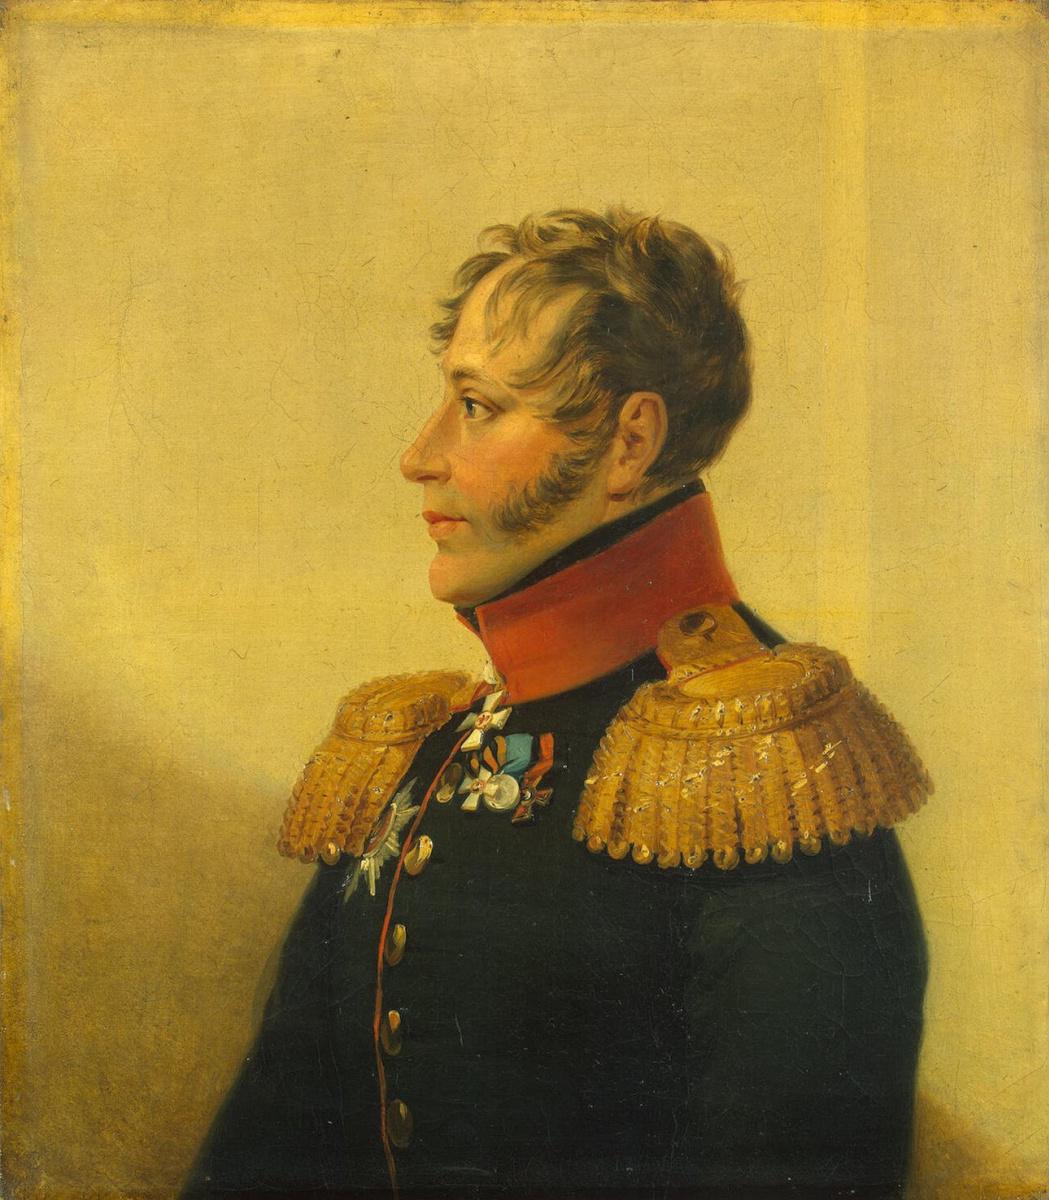 Джордж Доу. Портрет Егора Андреевича Ахте